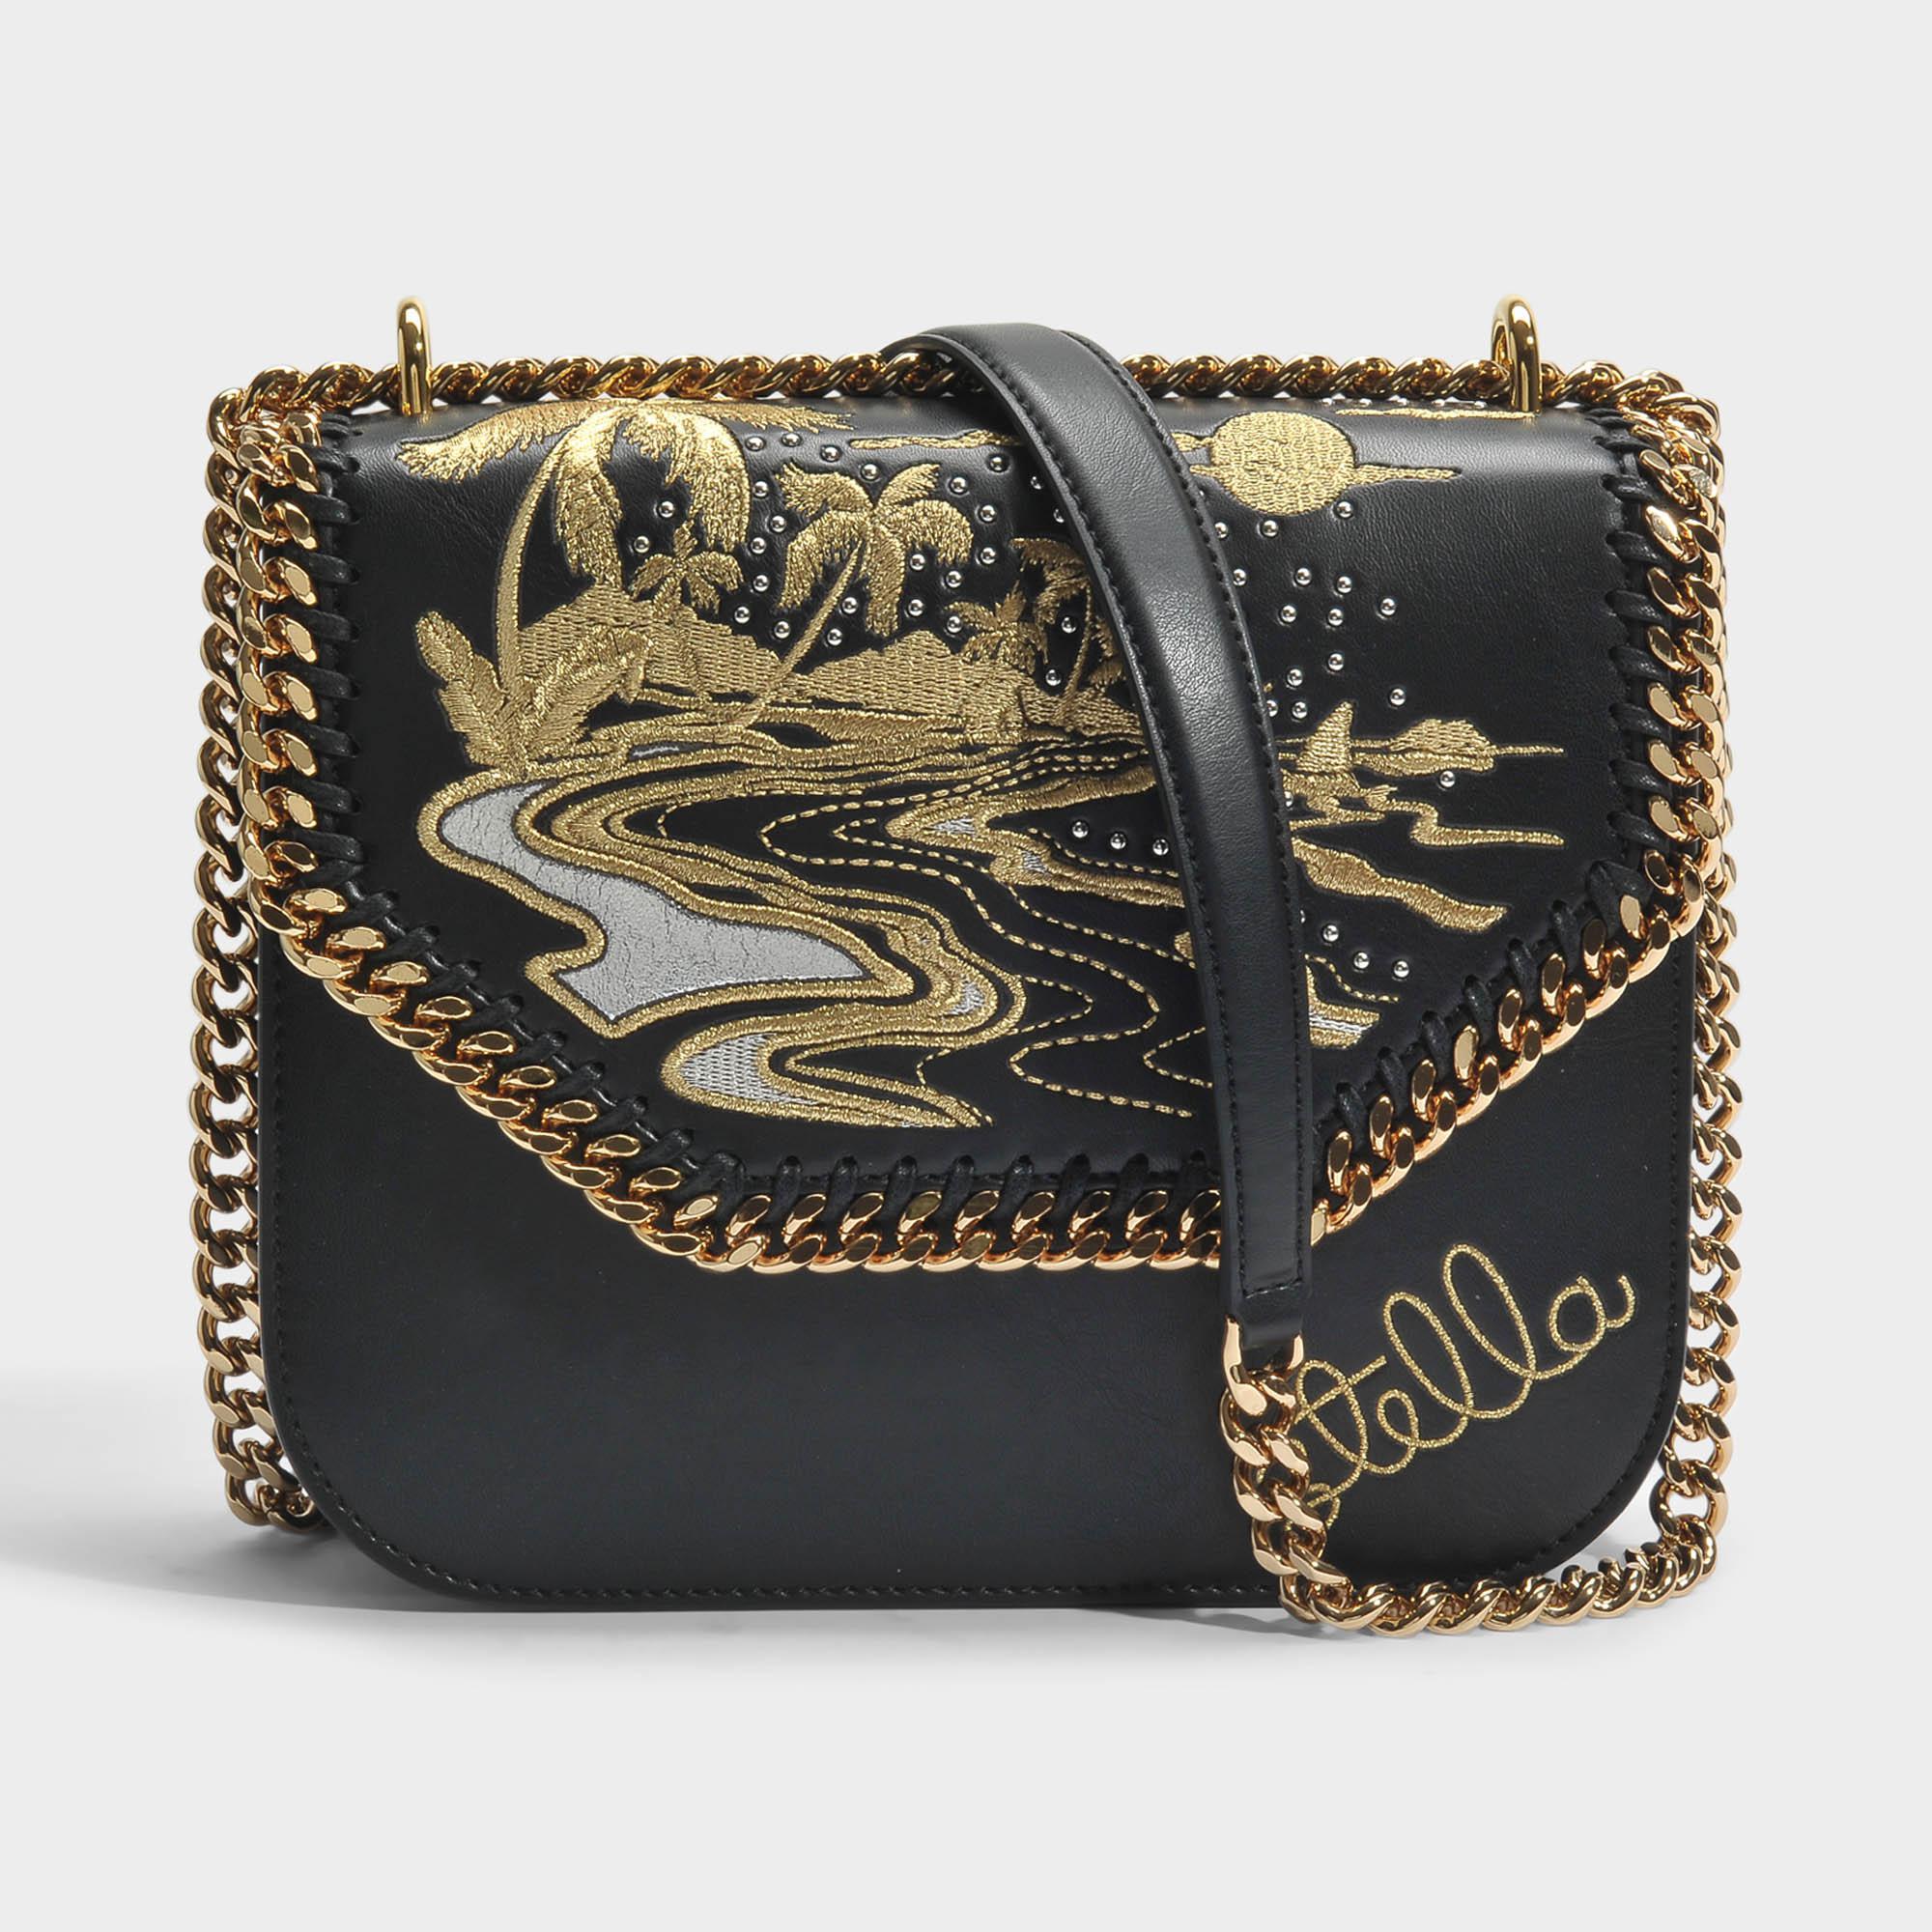 c17b9a72993f Stella McCartney Hawaiian Embroidery Falabella Box Shoulder Bag In ...